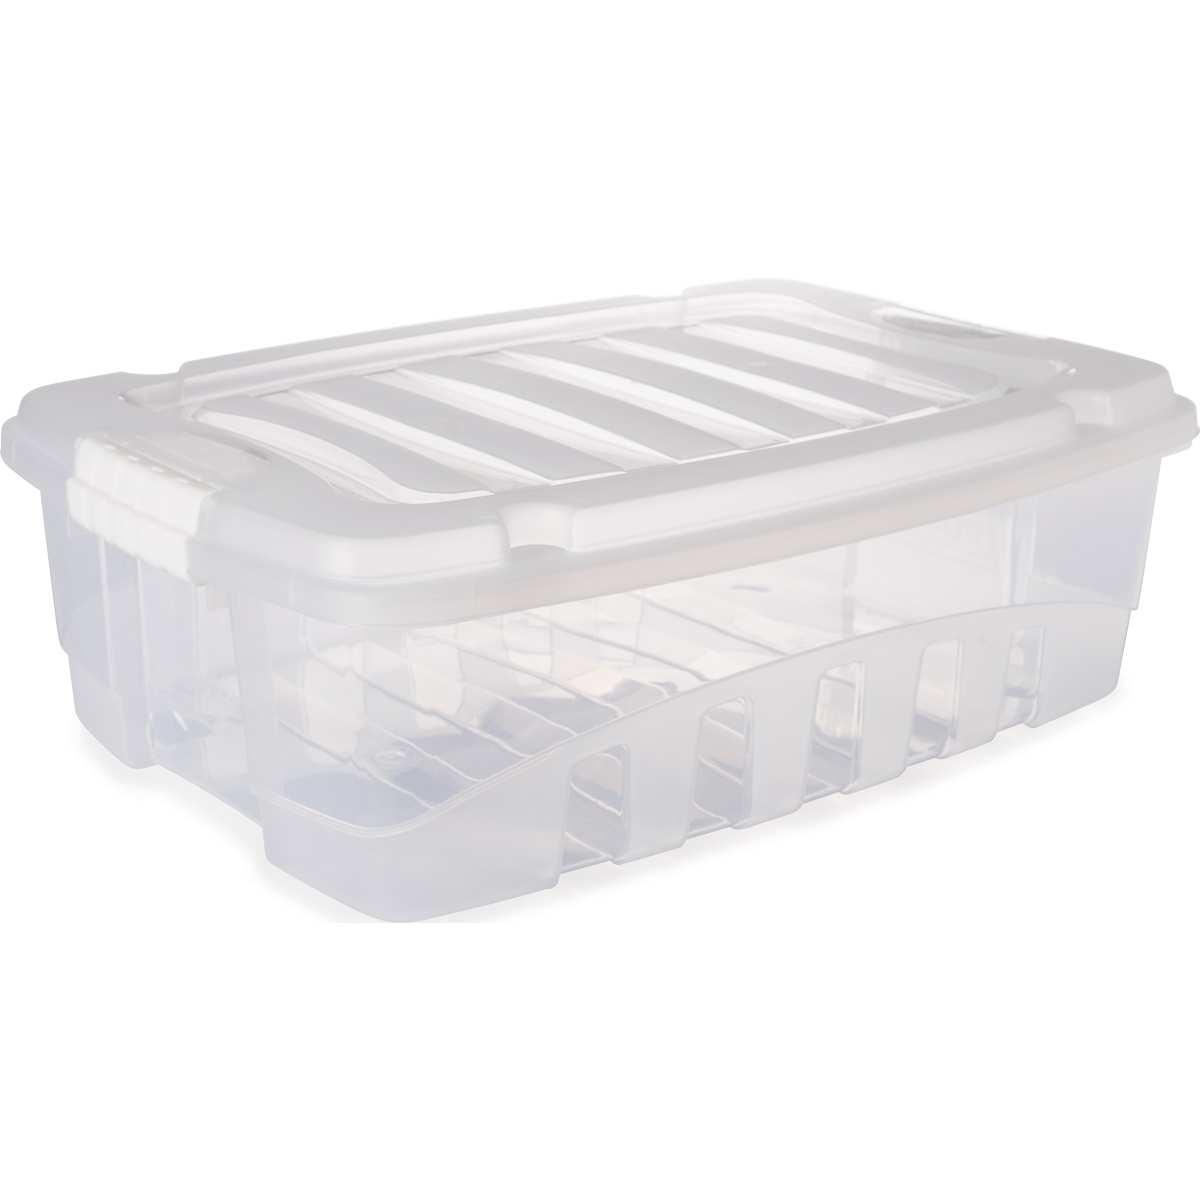 CAIXA PLASTICA MULTIUSO GRAND BOX BAIXA INCOLOR 26,5L